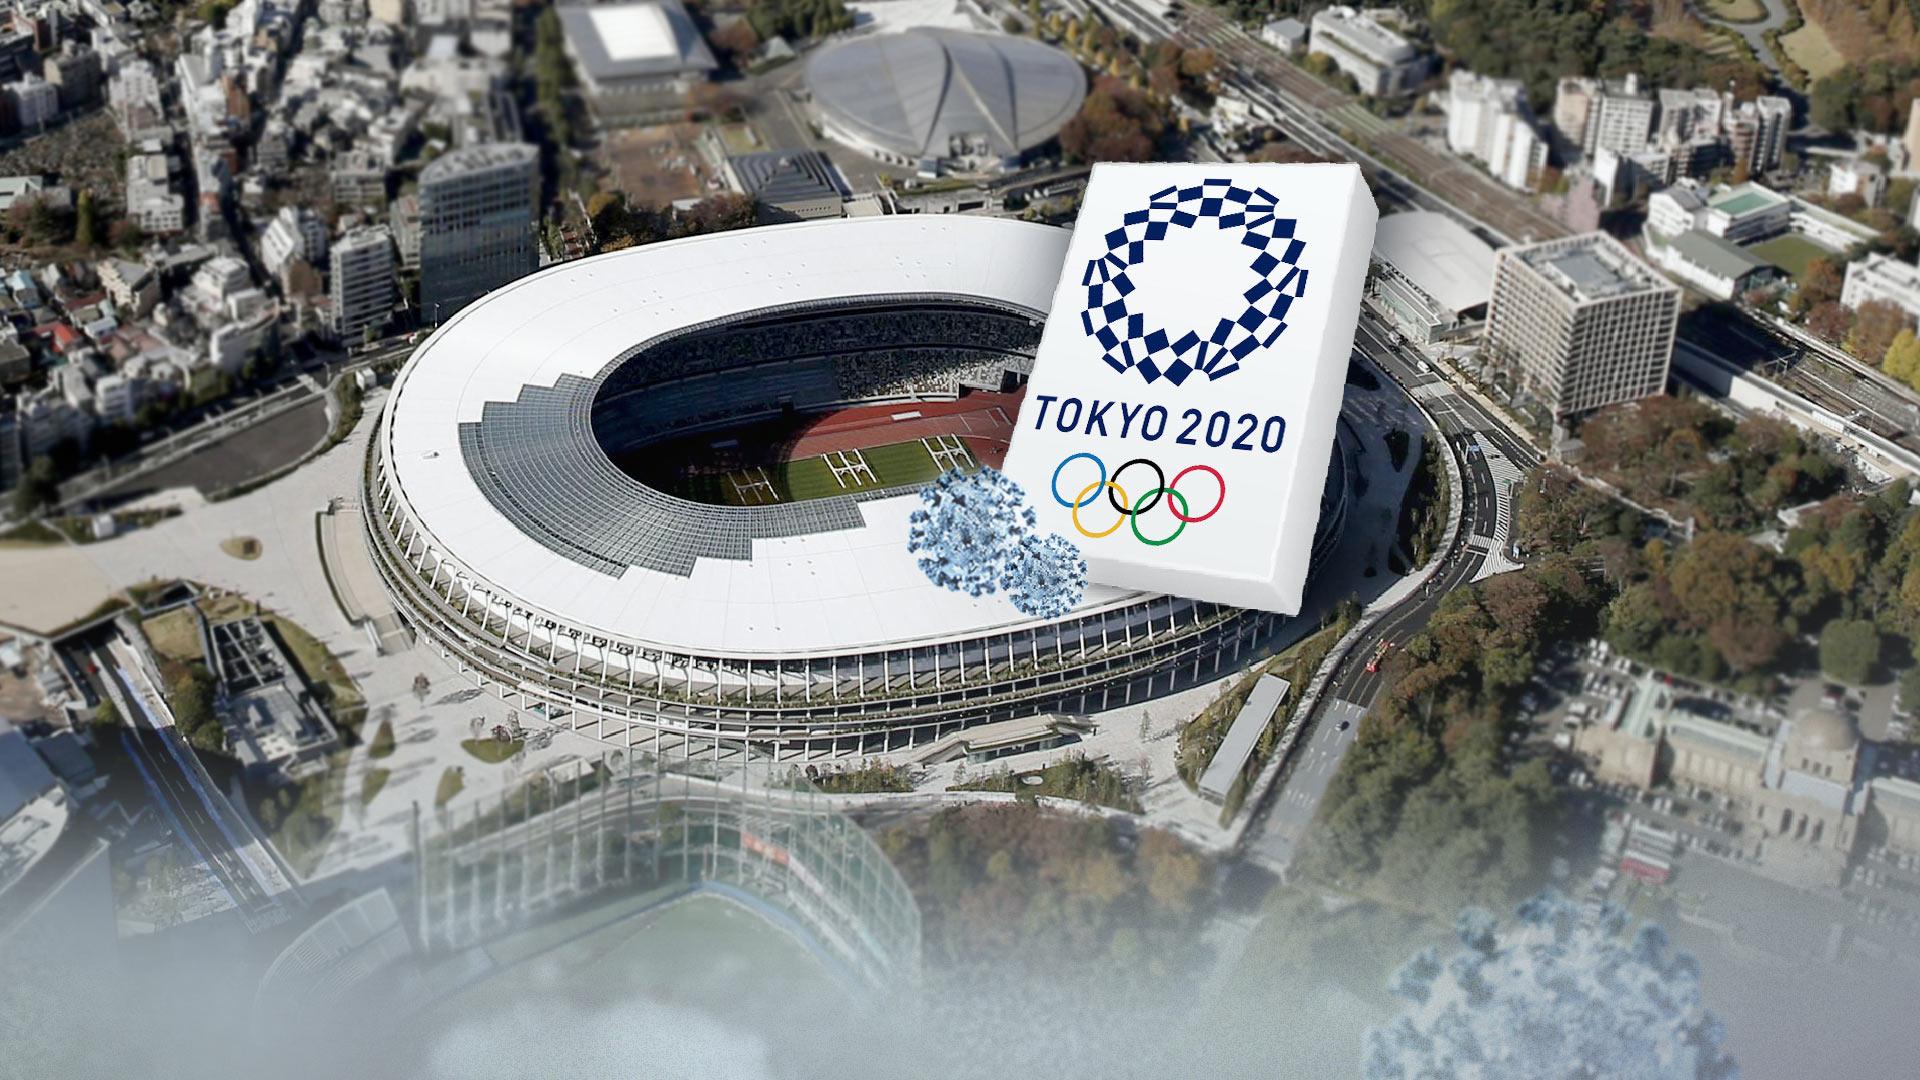 도쿄올림픽 관중 입장 허용…일본 내 국민 최대 1만명